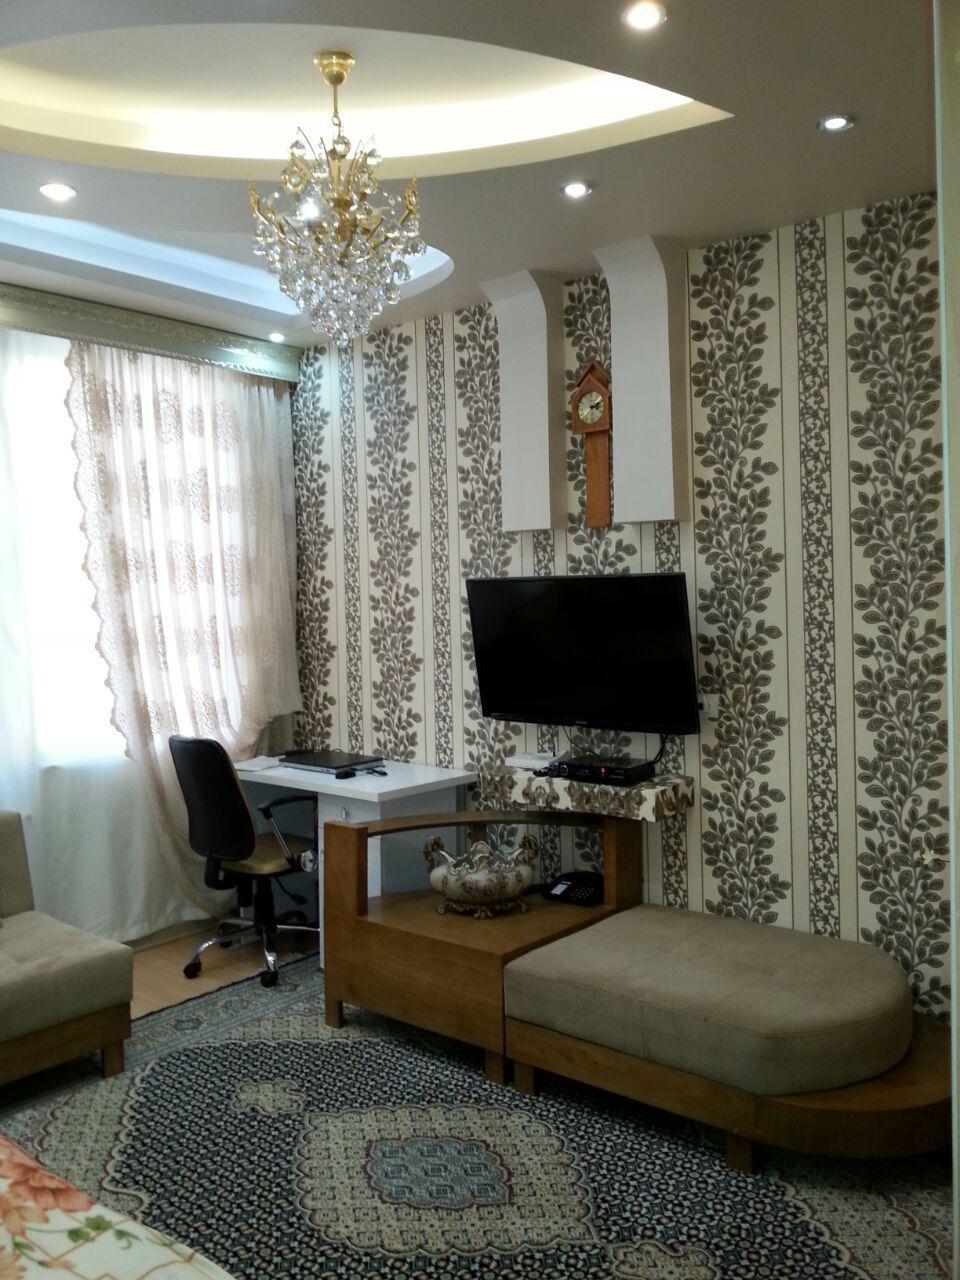 فروش طبقه سوم از آپارتمان 4 طبقه در شهرک حافظ